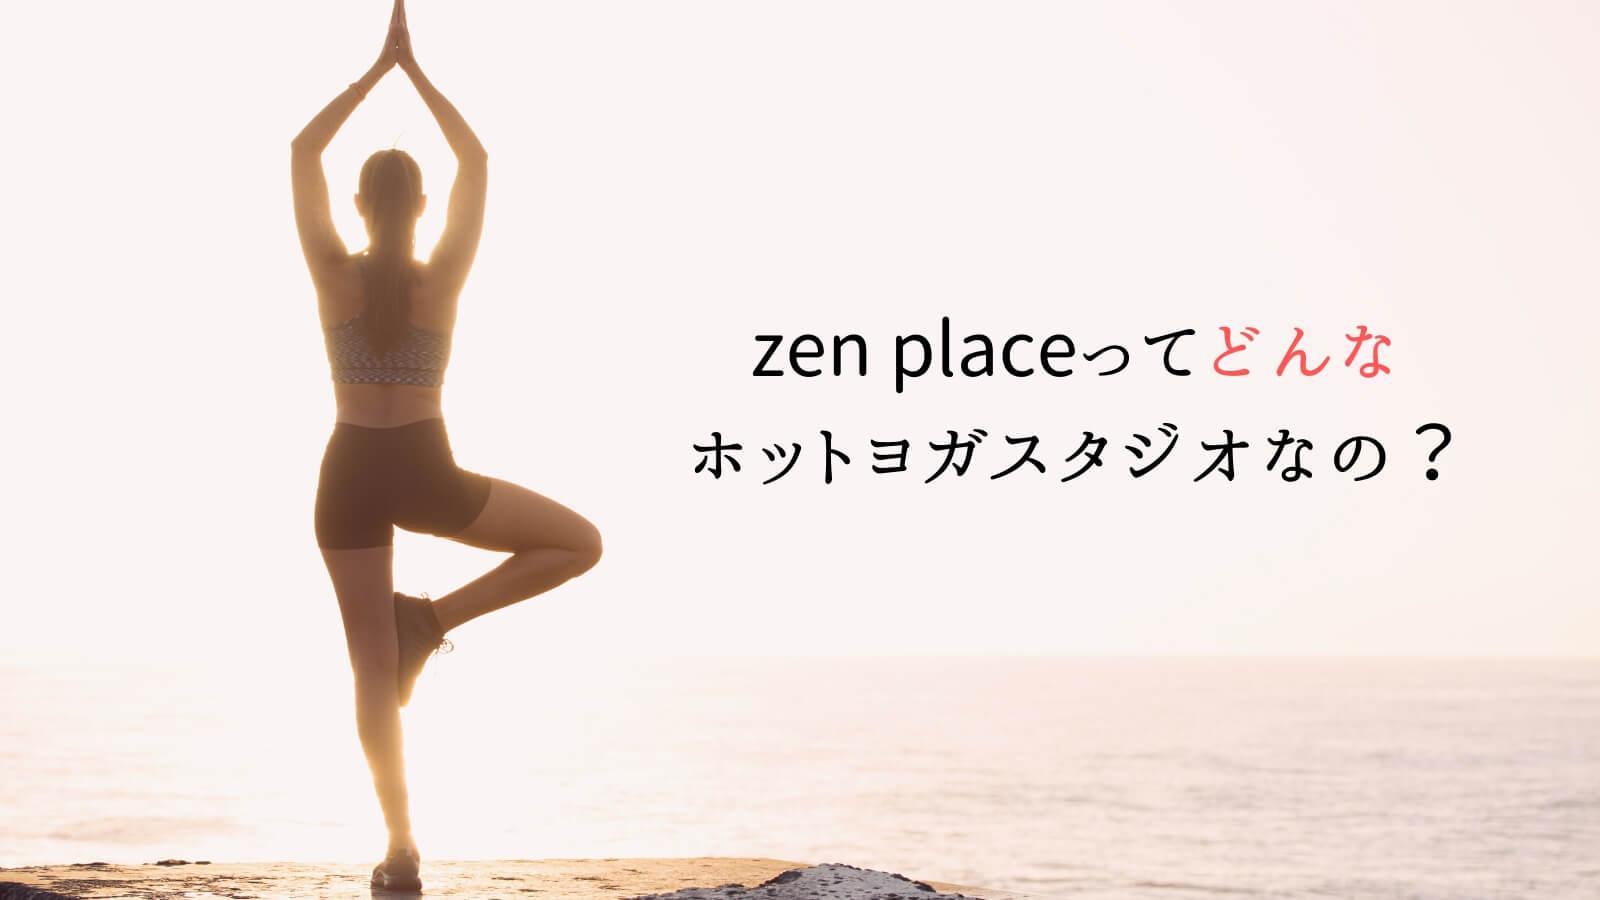 zen place(旧ヨガプラス)ってどんなヨガスタジオなの?